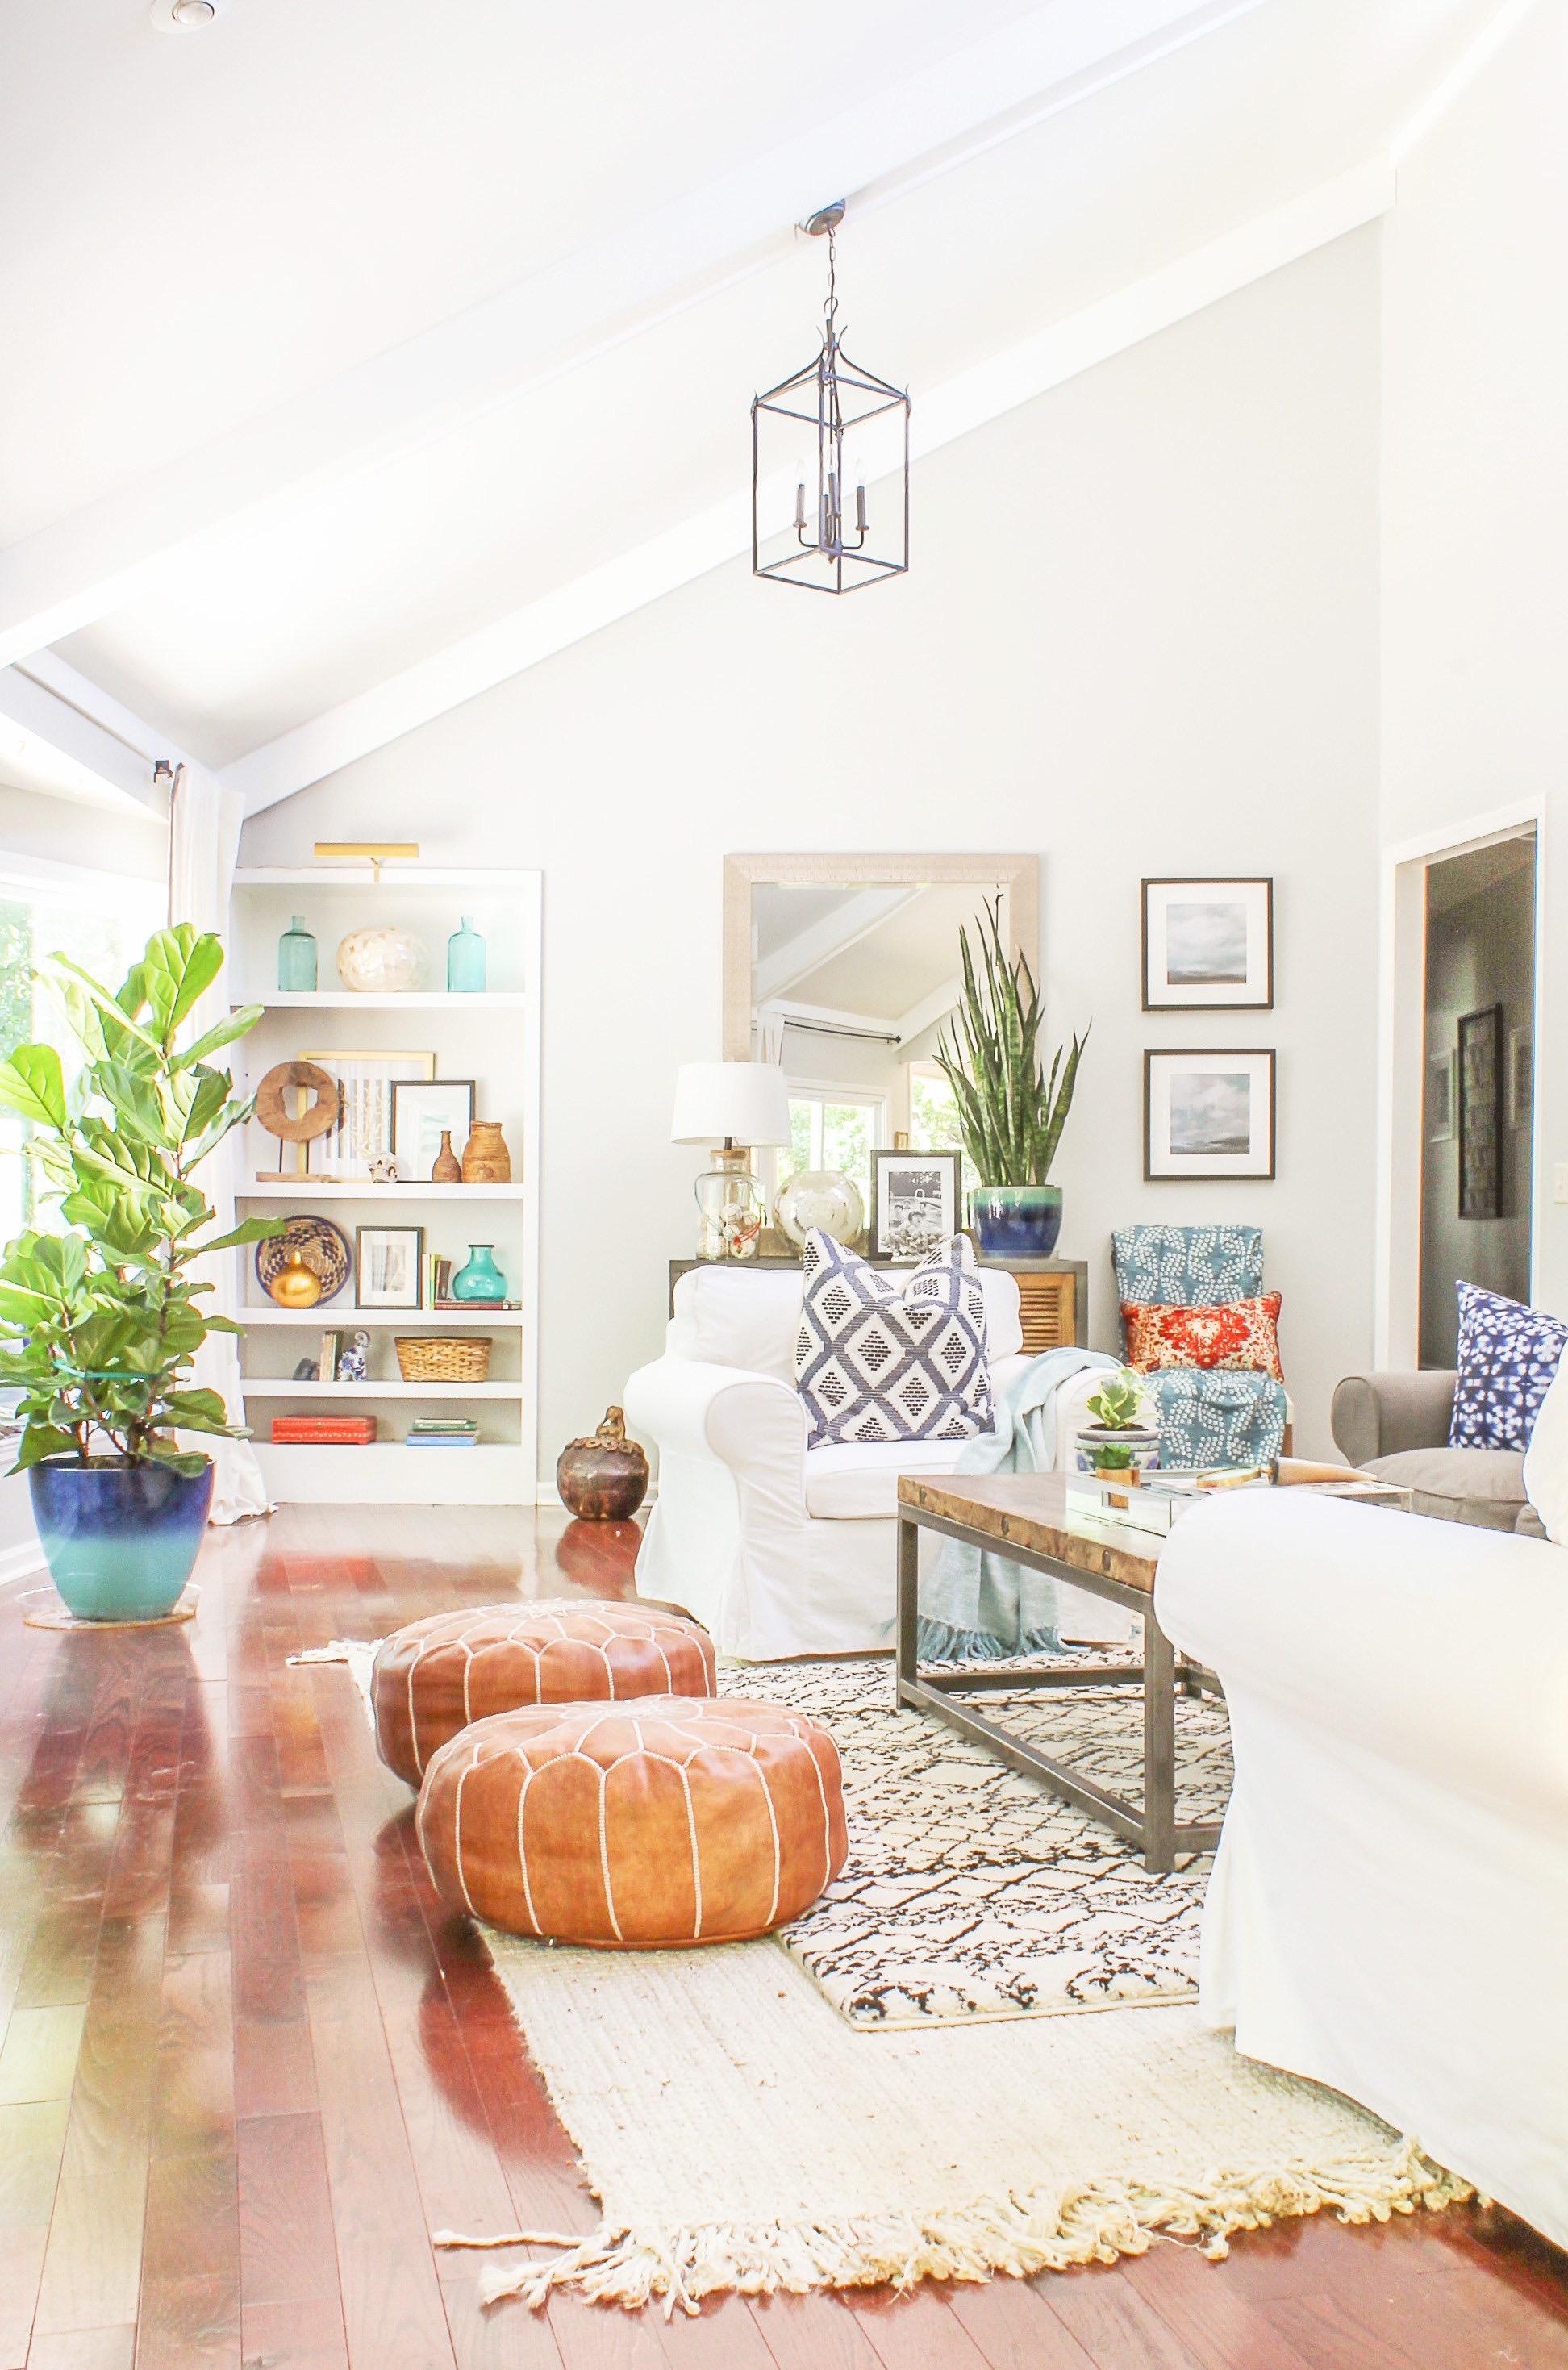 Quer deixar o ambiente mais estiloso? Aposte em puffs com cores que contrastam com o restante da decoração.